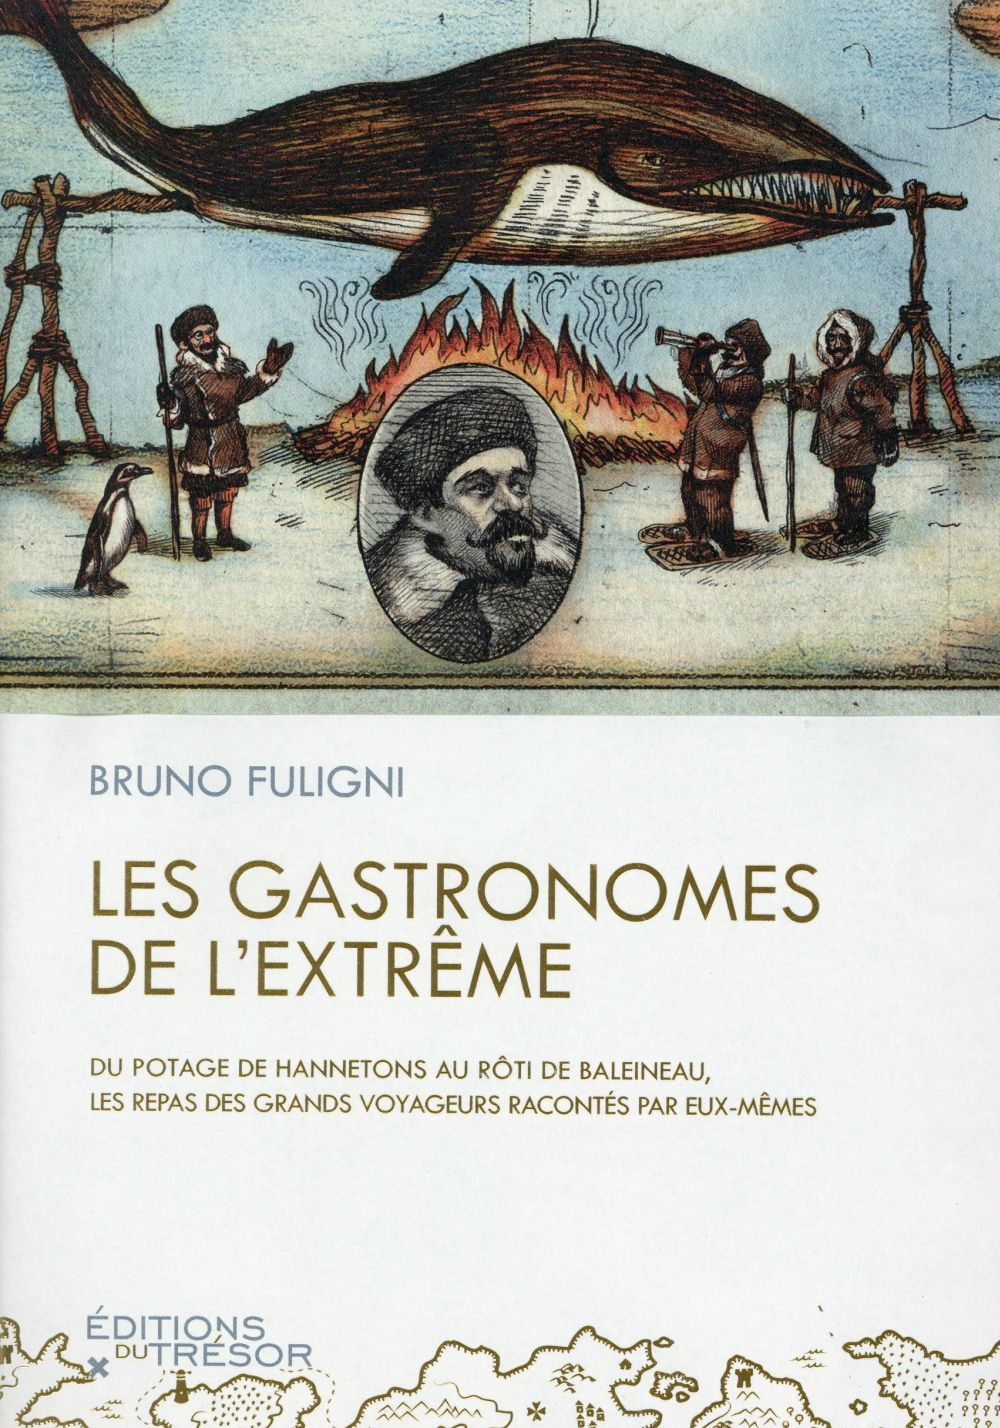 LES GASTRONOMES DE L'EXTREME